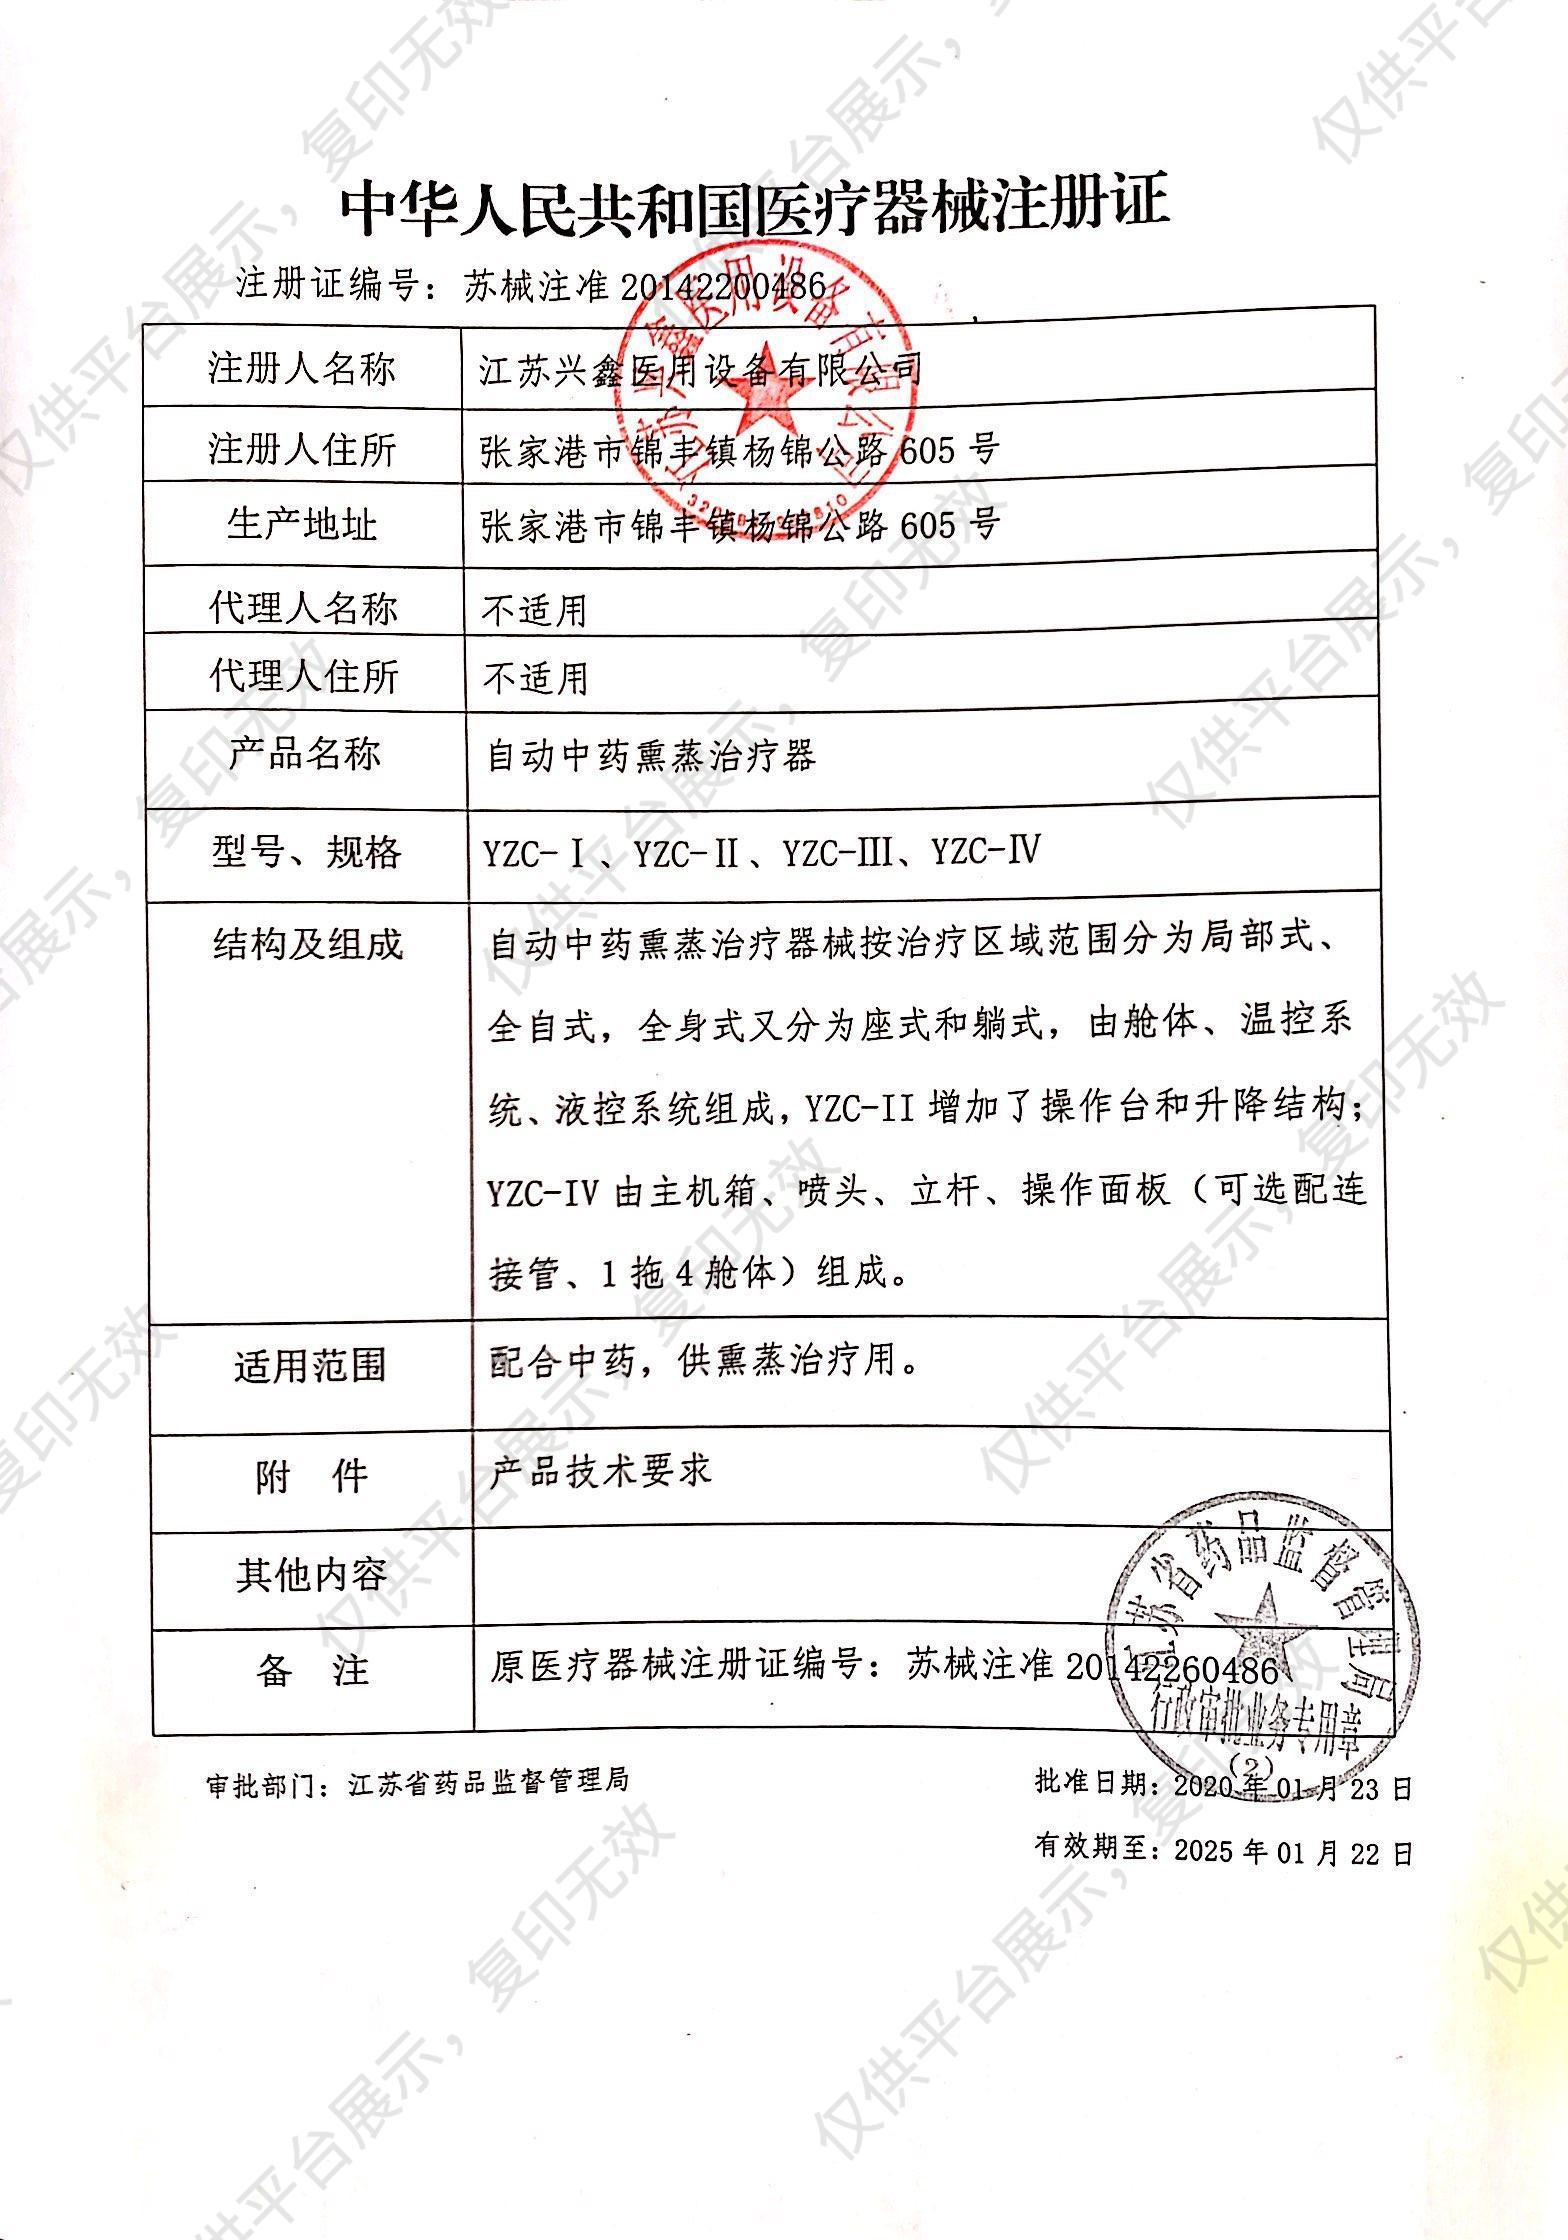 兴鑫 自动中药熏蒸治疗器 YZC-I (坐式)注册证